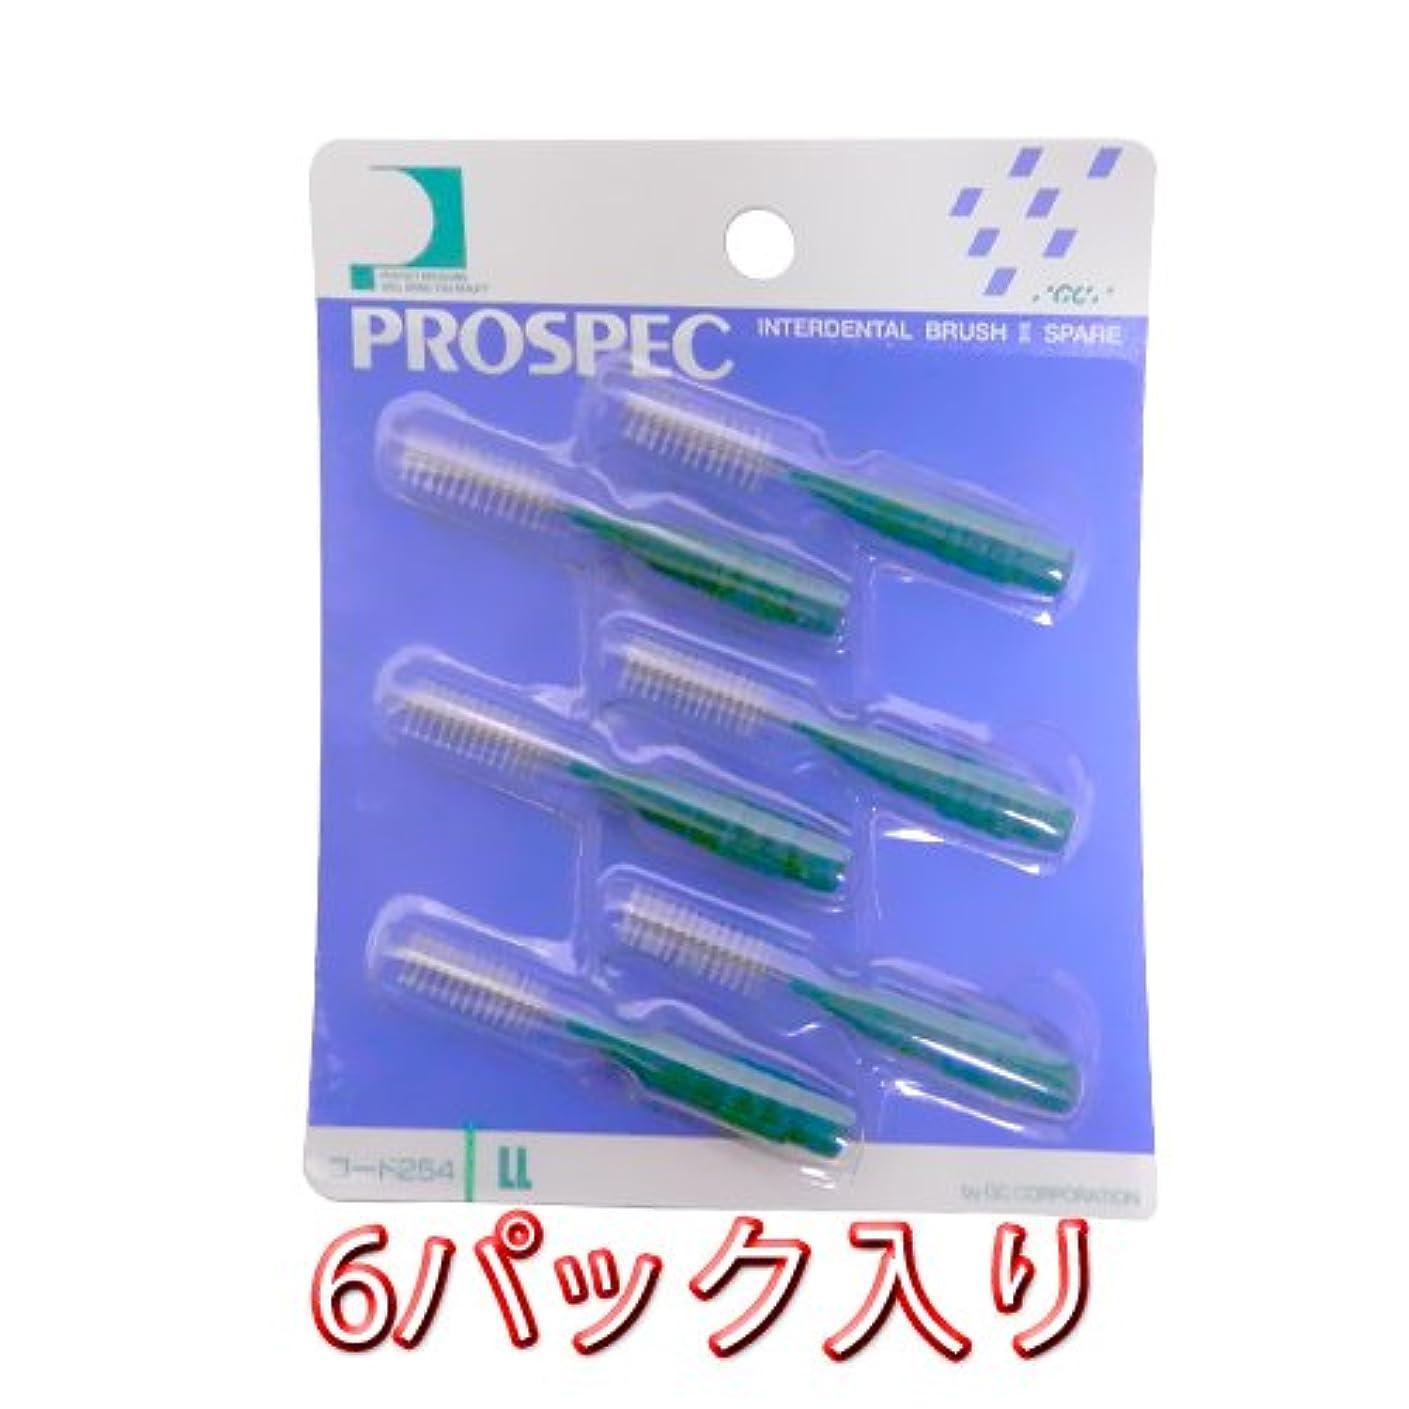 額虚偽入力プロスペック 歯間ブラシ 2スペアー ブラシのみ6本入 × 6パック LL グリーン